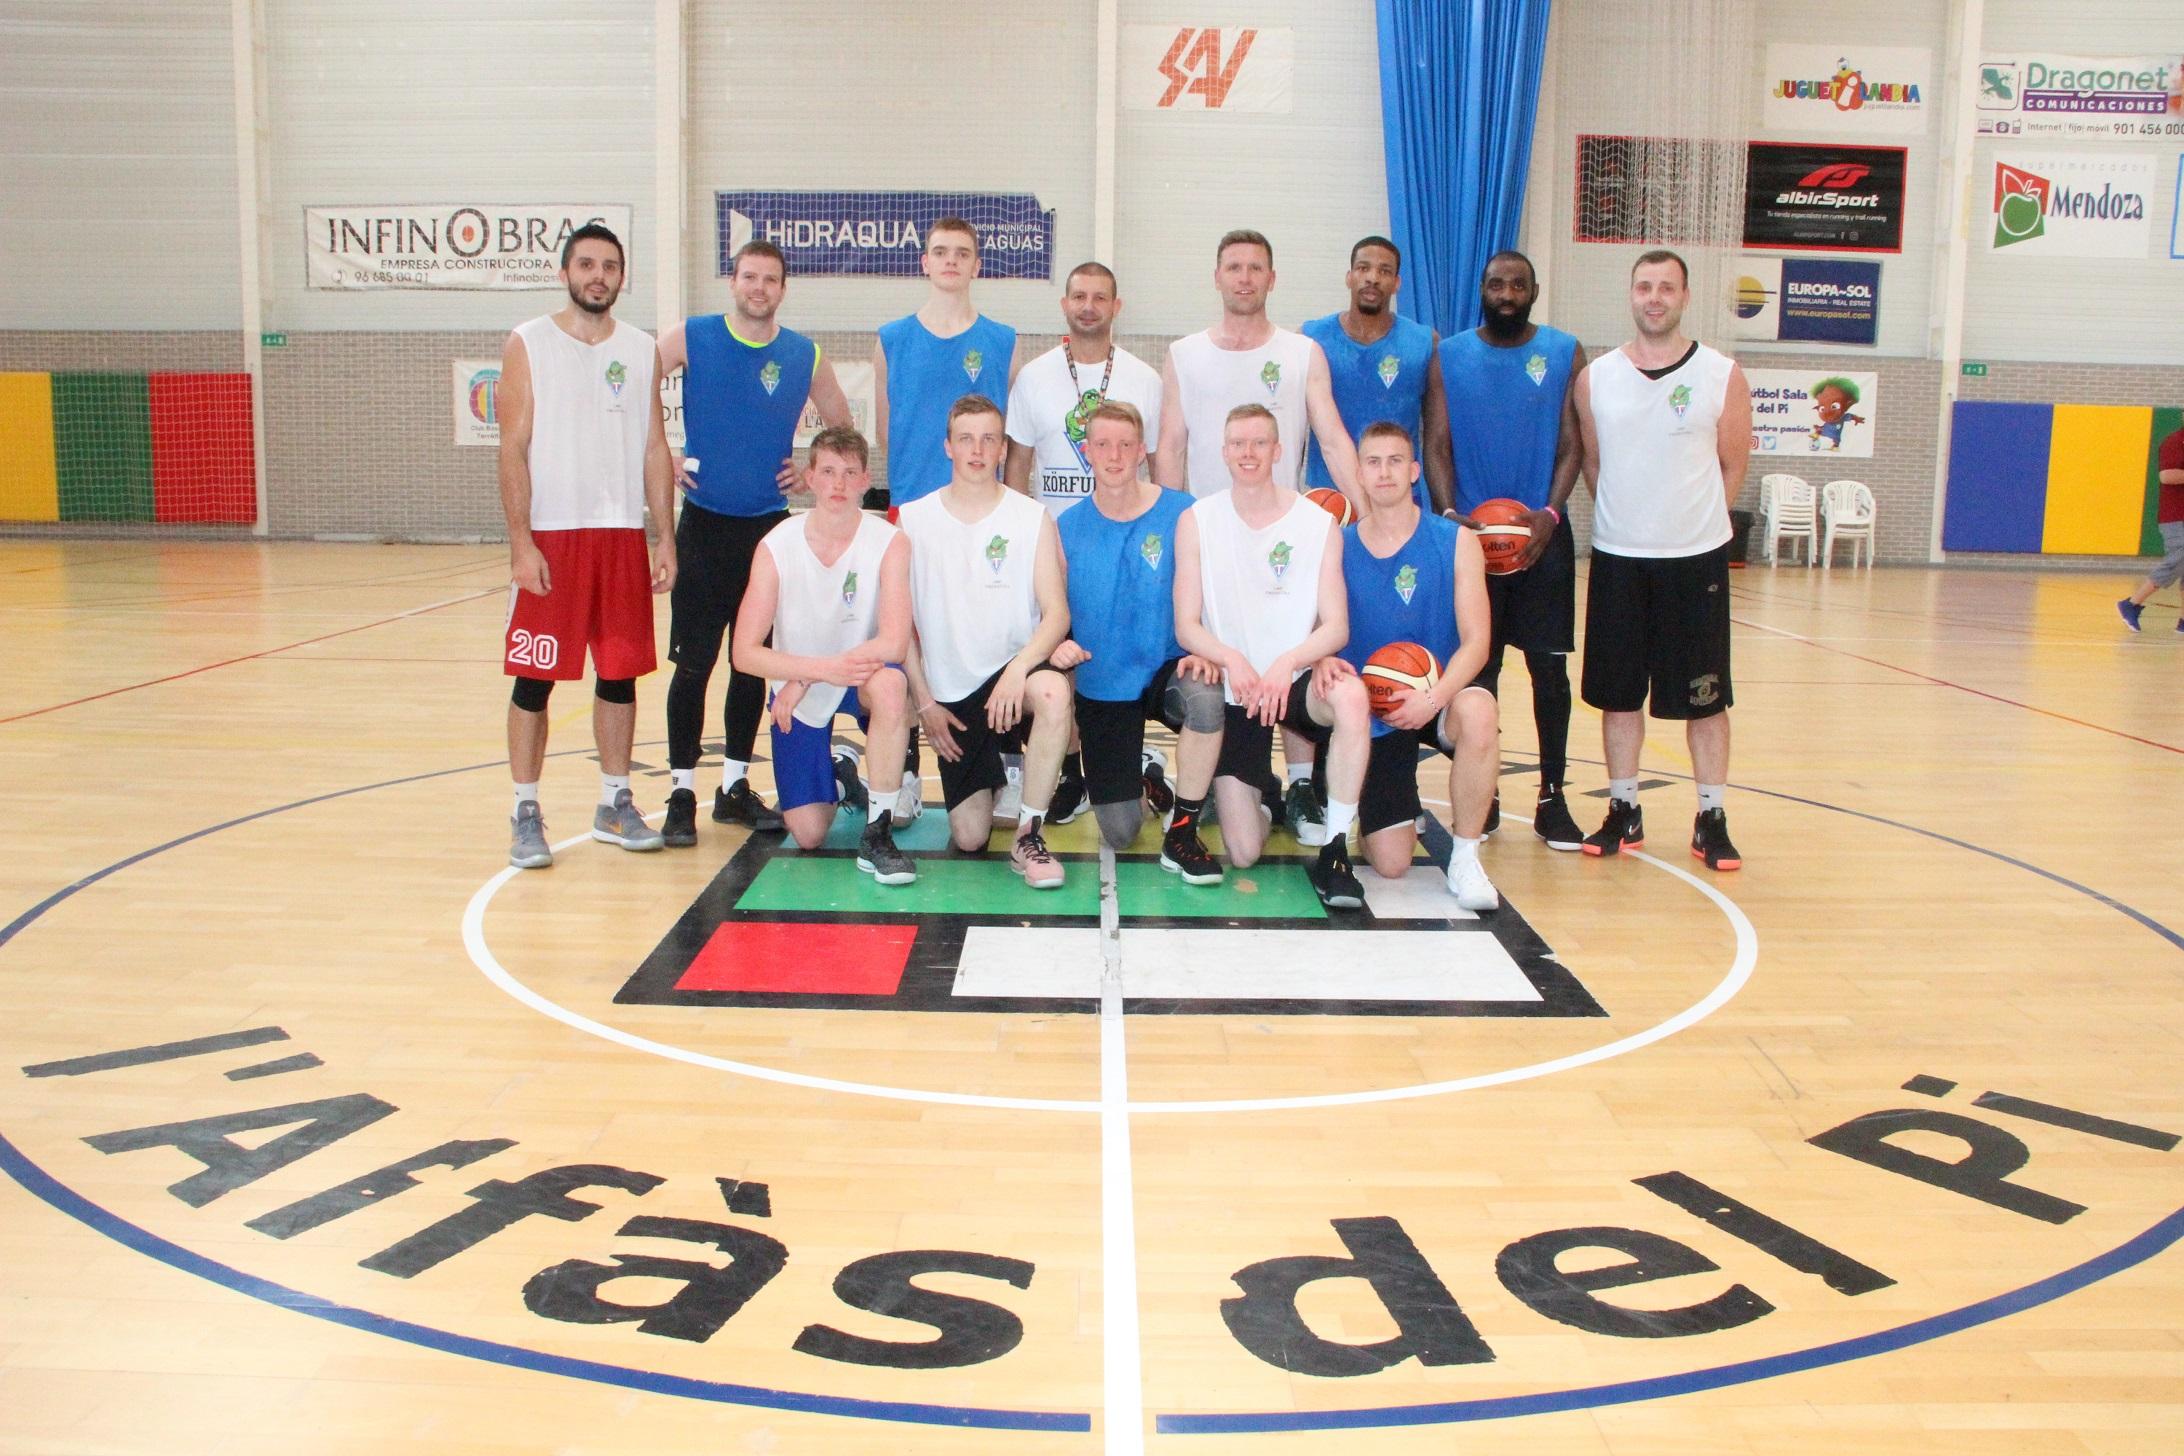 El equipo de Baloncesto UMF Tindastóll abre la temporada de turismo deportivo en l'Alfàs del Pi